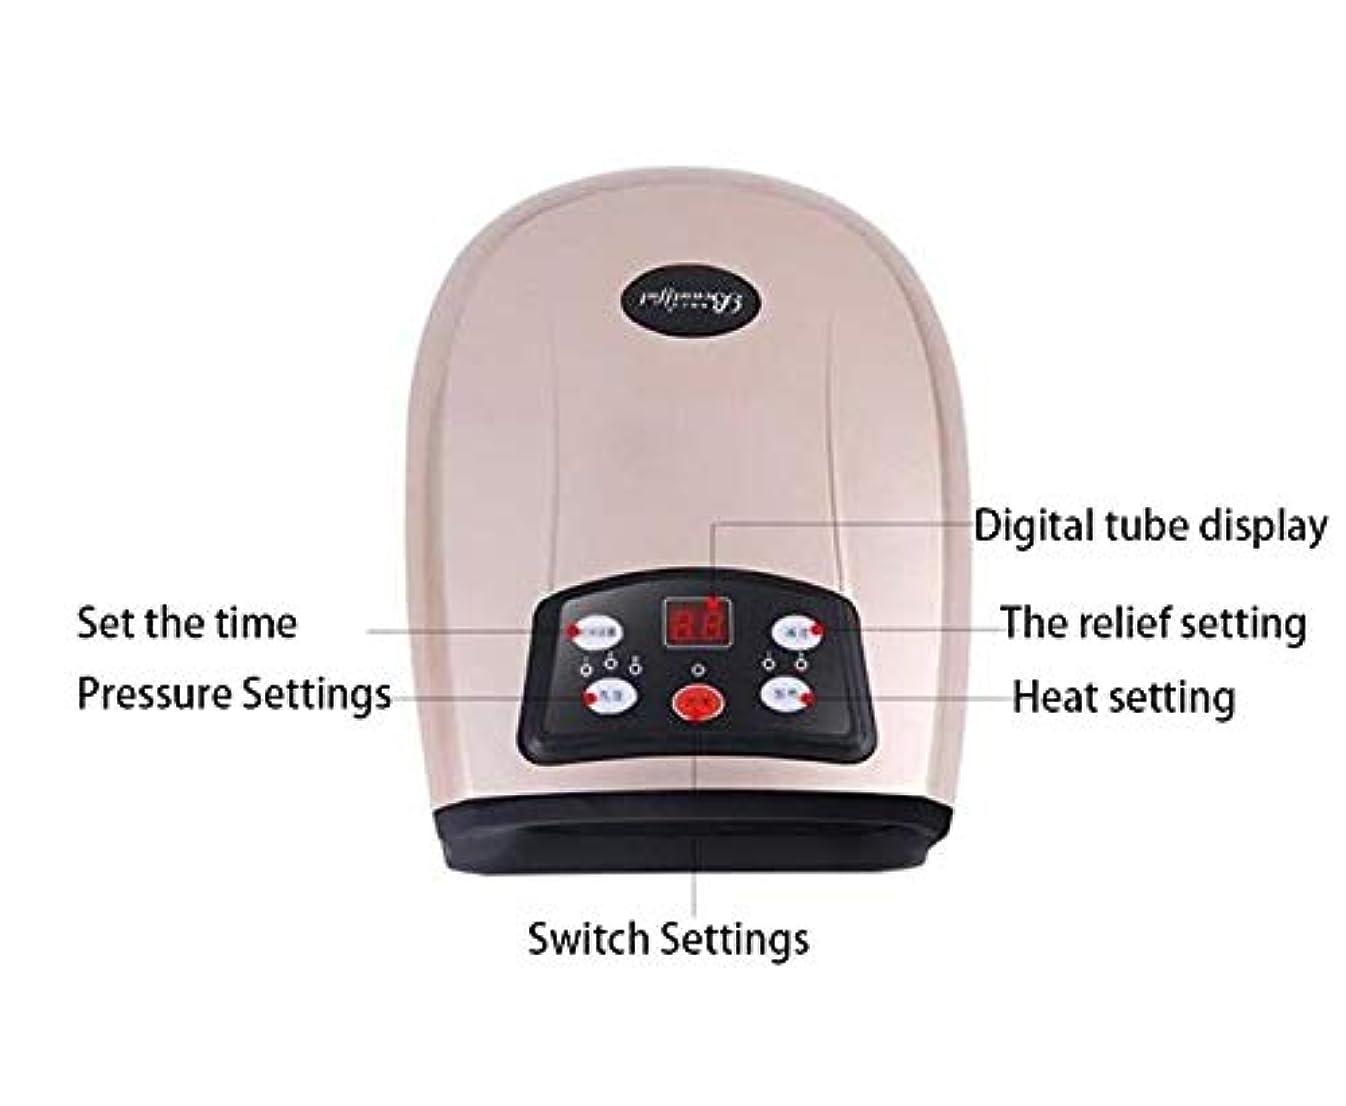 ファンデザイナールネッサンスハンド電気暖房マッサージ器マッサージマッサージ美容ツールハンドウォームハンドハイドレイティングケアパーム